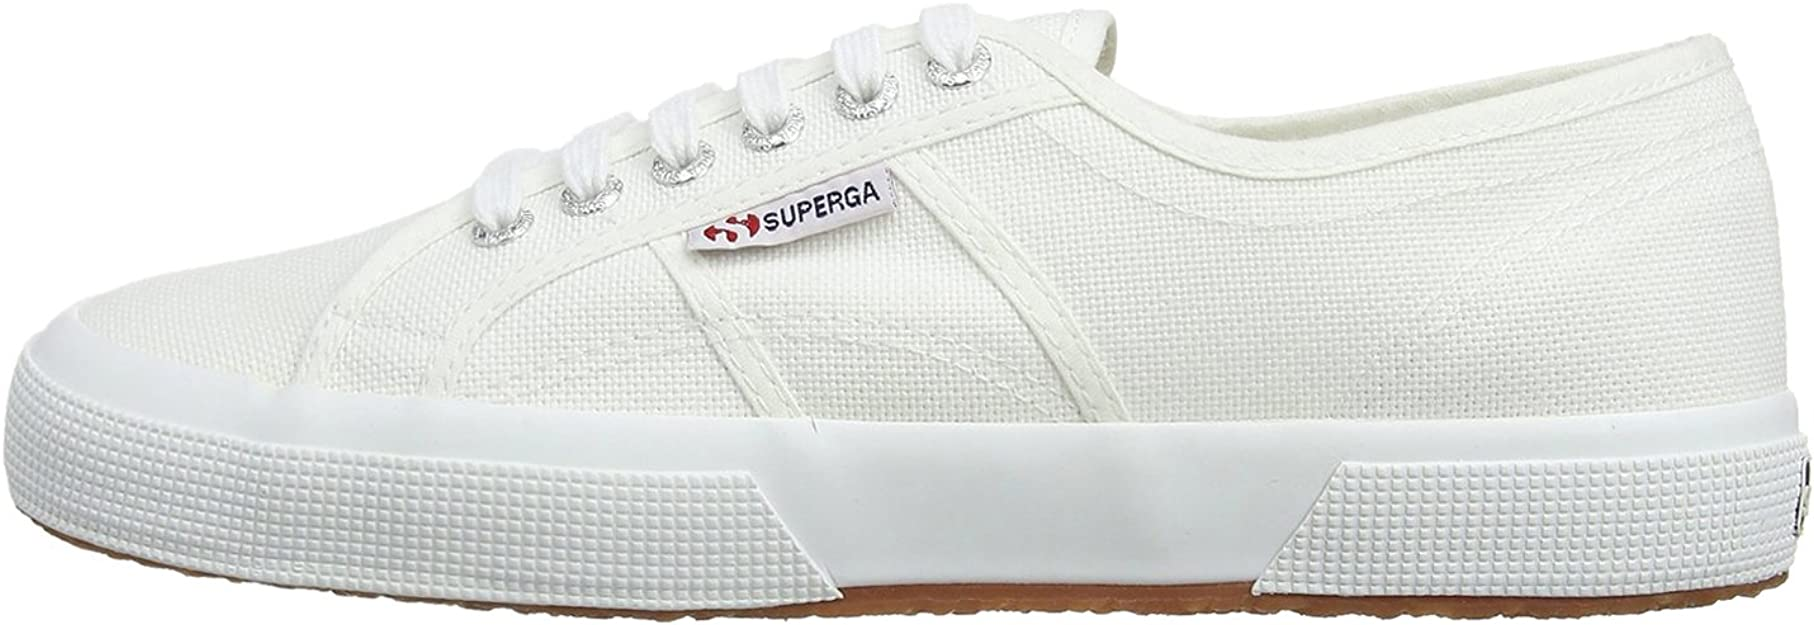 Superga 2750-Cotu Unisex Adults